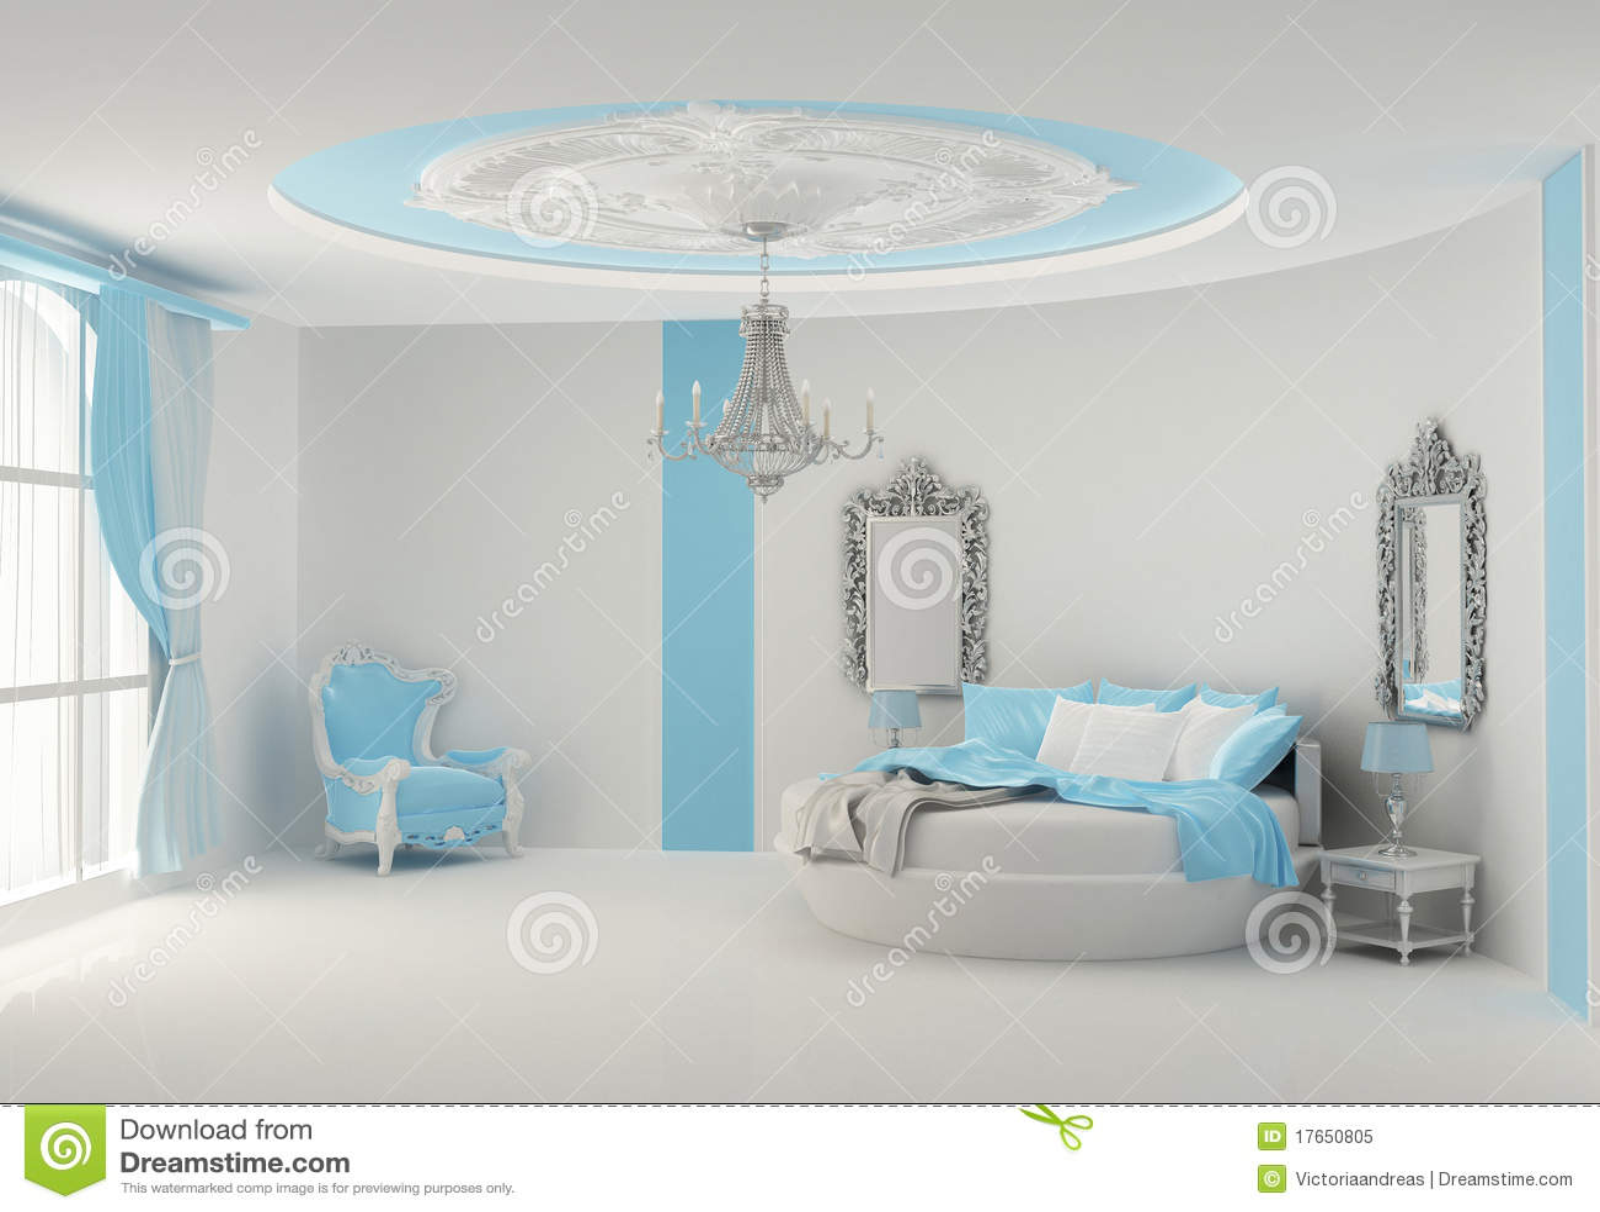 Slaapkamer Met Een Rond Bed Stock Illustratie - Afbeelding: 52410450